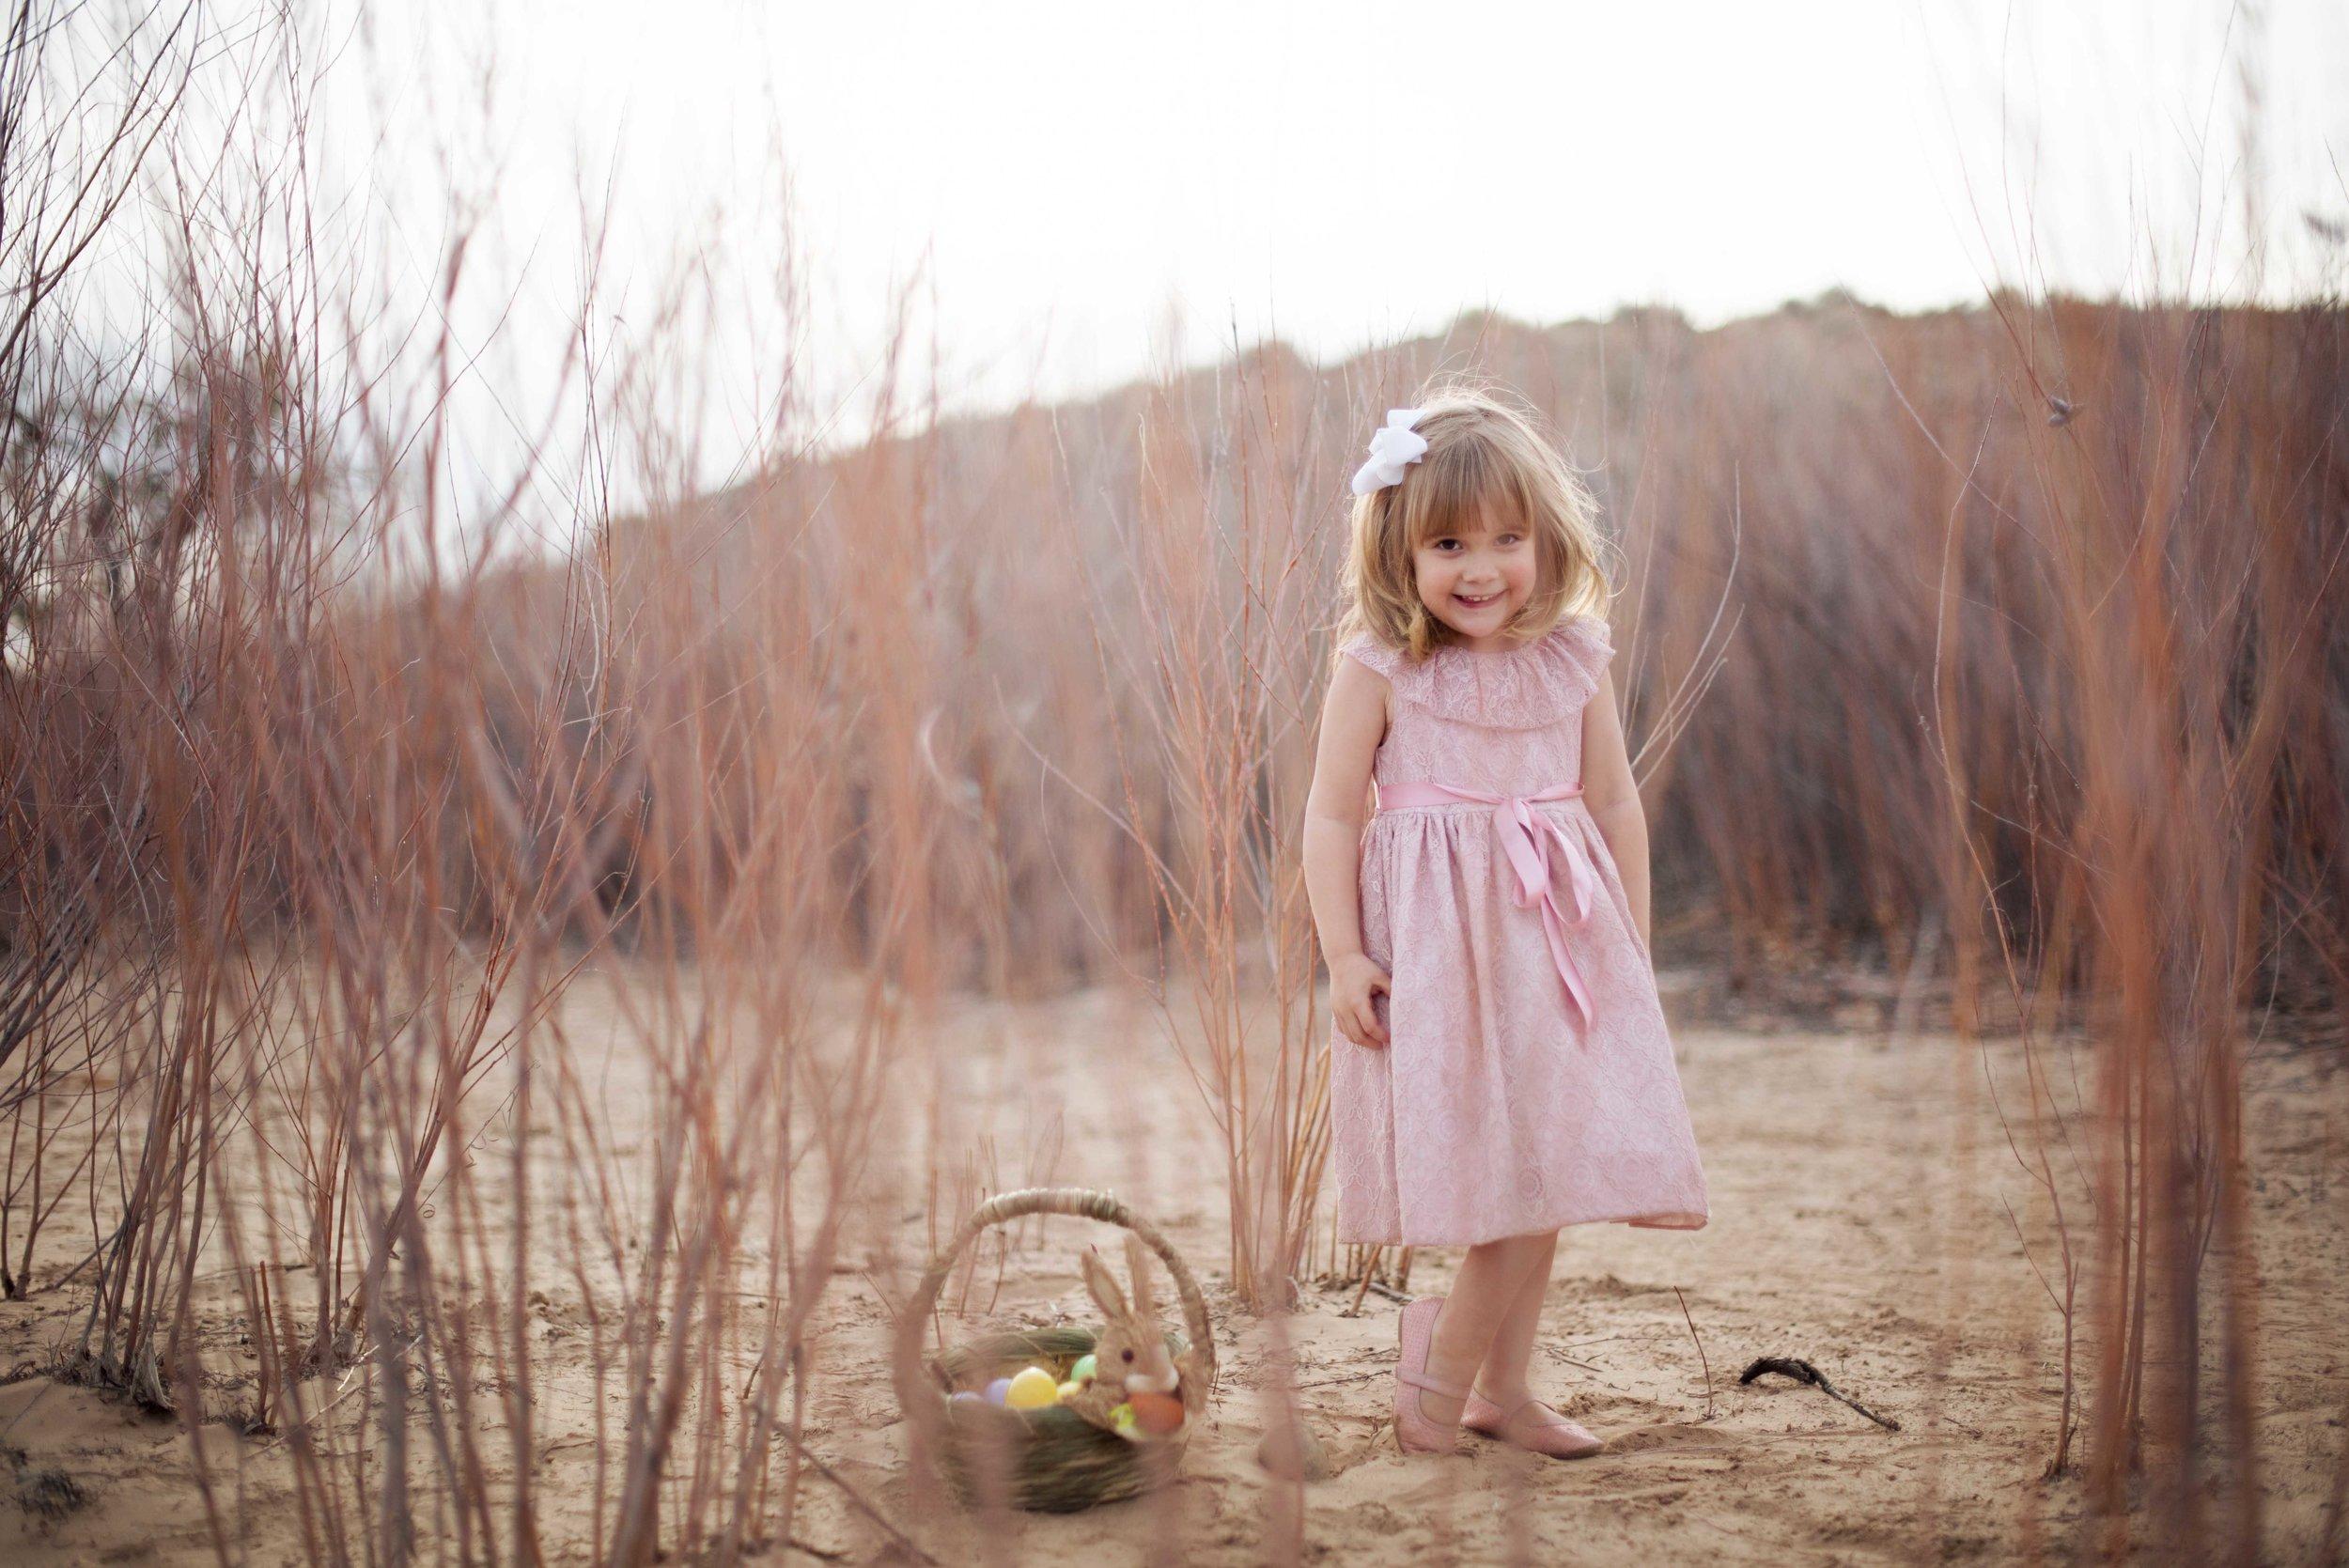 LaurenCheriePhotography0_16.jpg